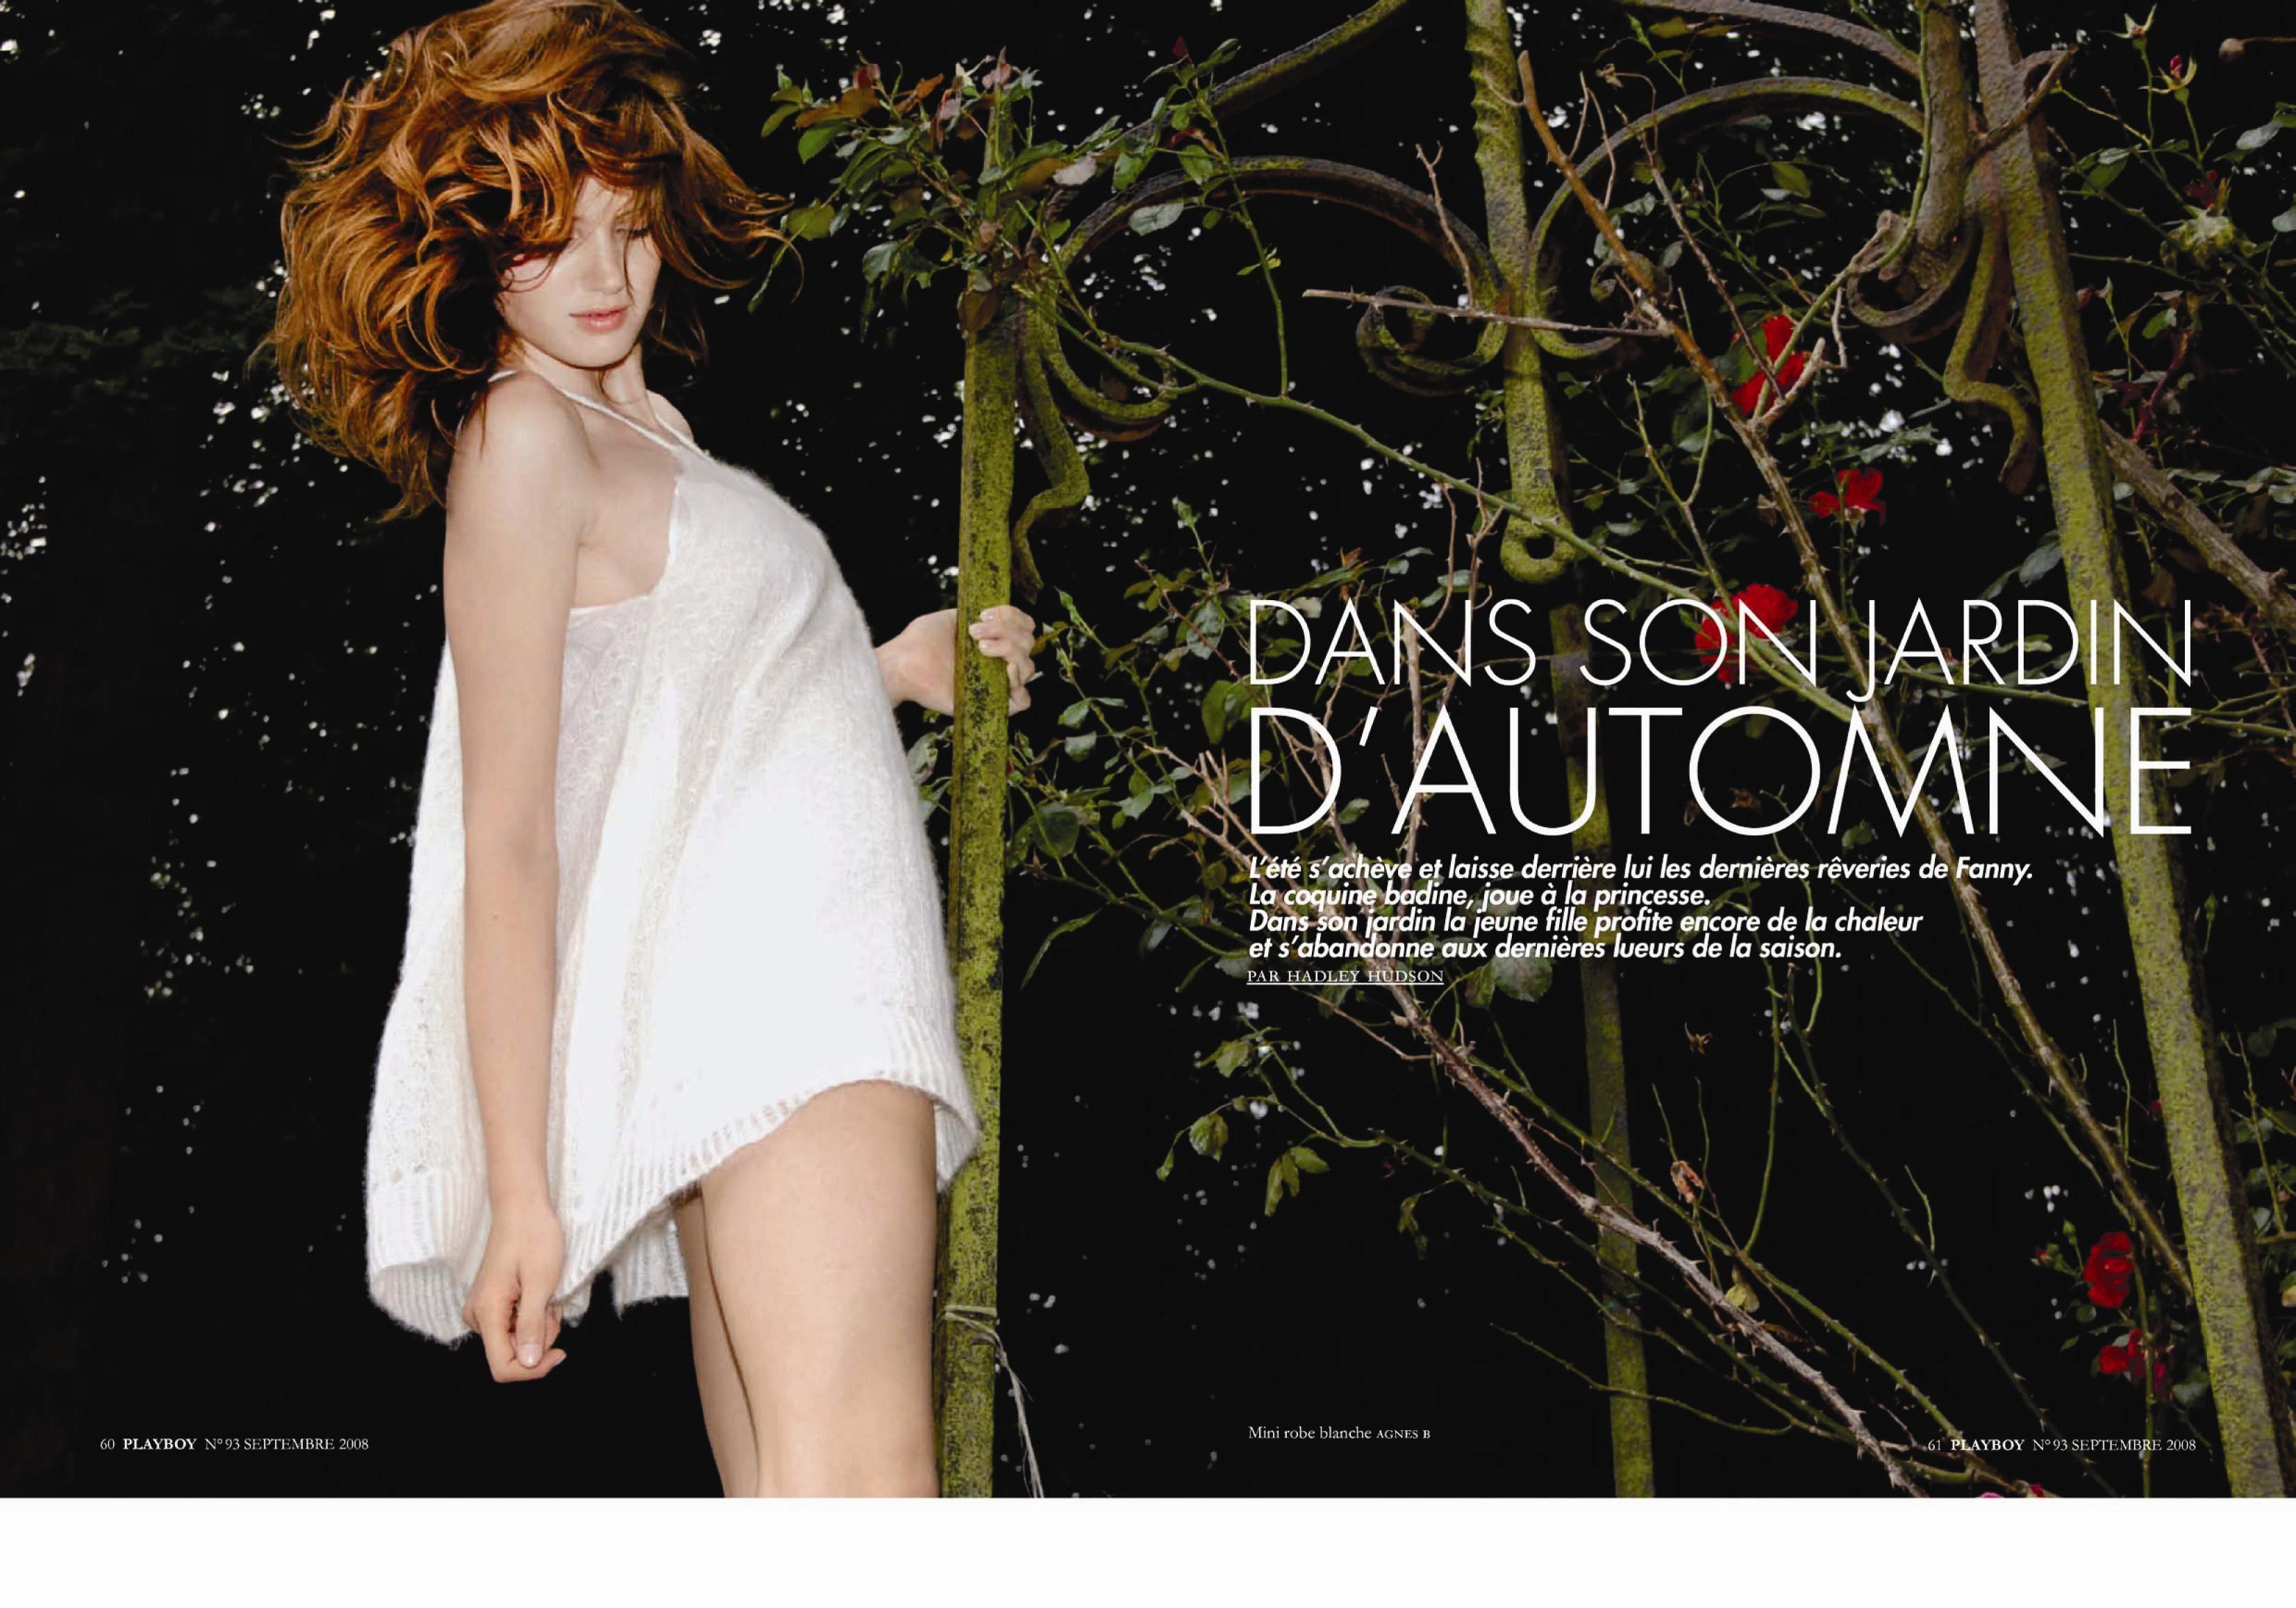 【外人】顔面だけで抜けるレベルのベルギーモデルのファニー・フランソワ(Fanny Francois)の美乳おっぱいポルノ画像 915